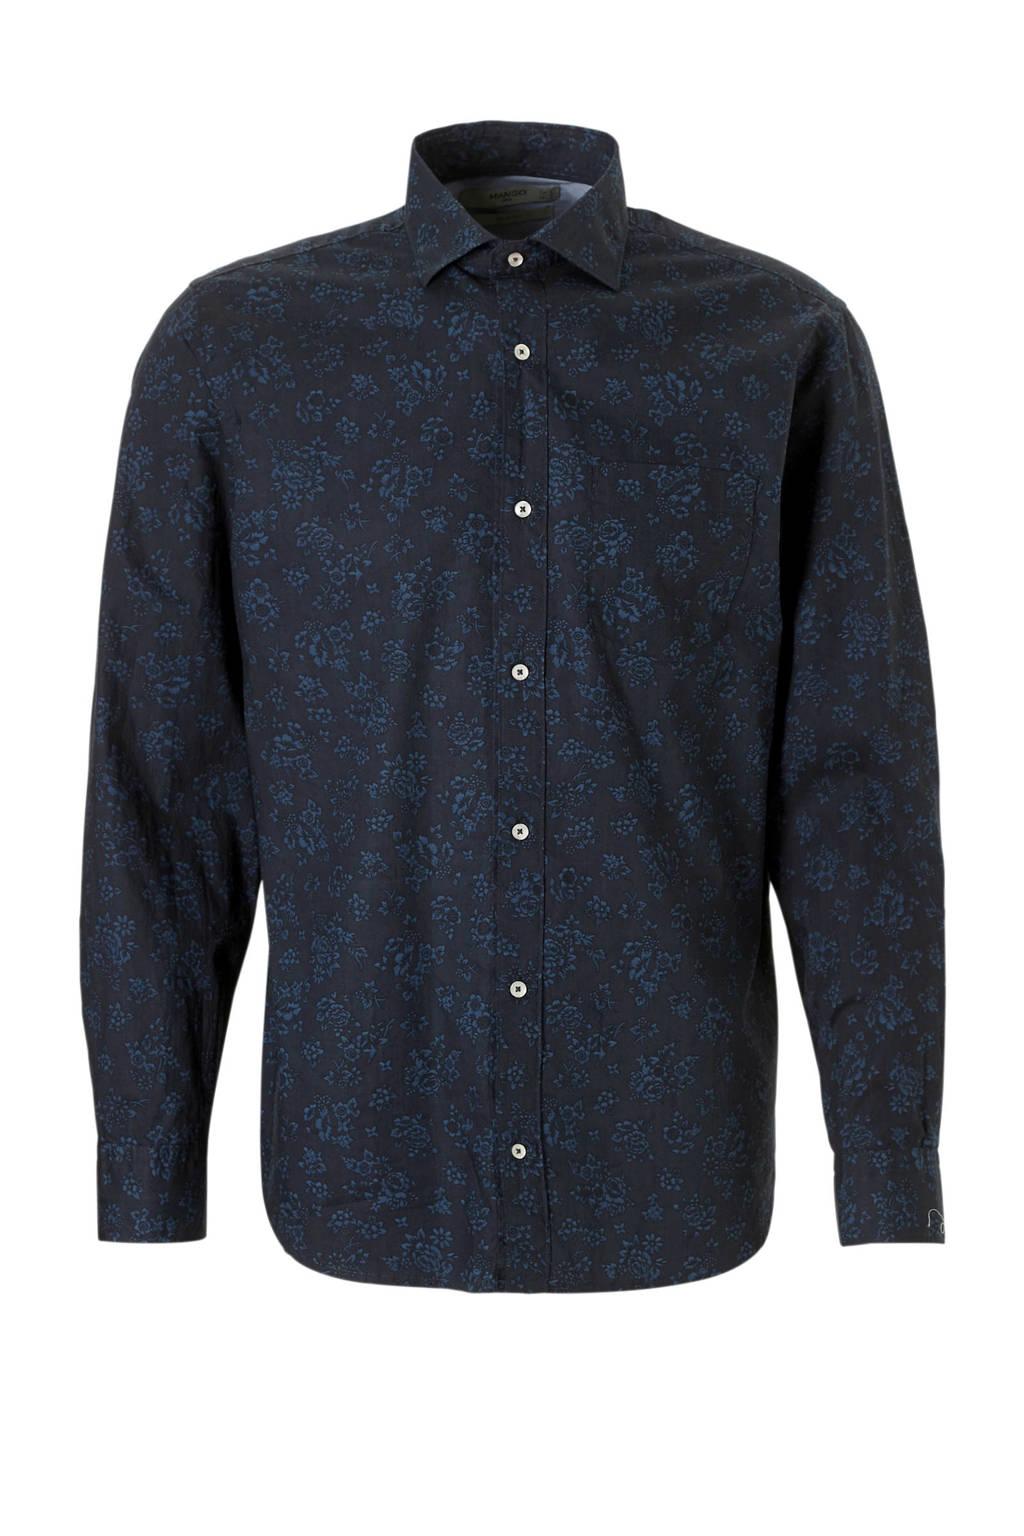 Overhemd Donkerblauw.Mango Man Gebloemd Slim Fit Overhemd Donkerblauw Wehkamp